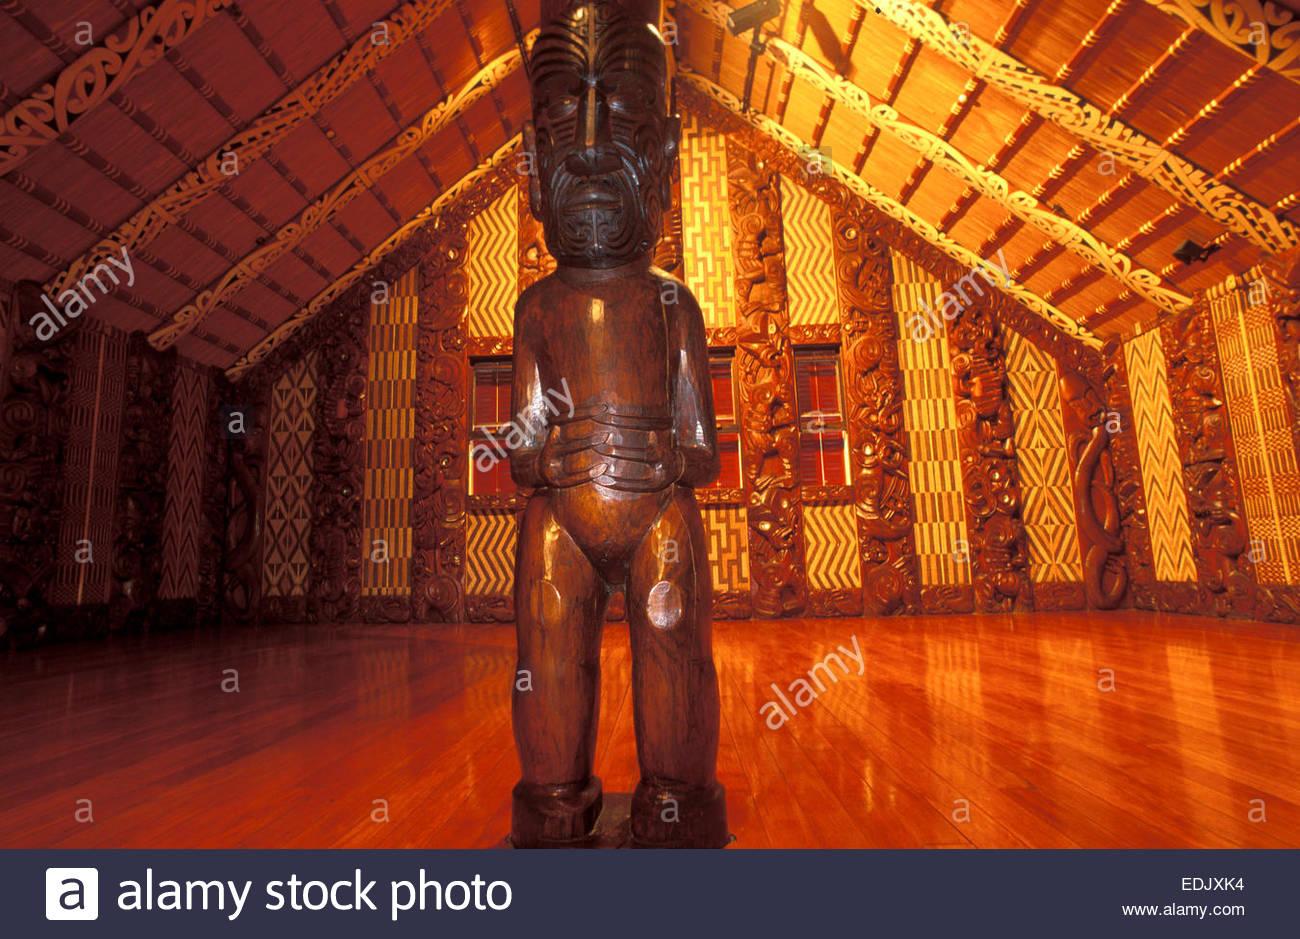 Marae of Waitangi, North Island, New Zealand. - Stock Image